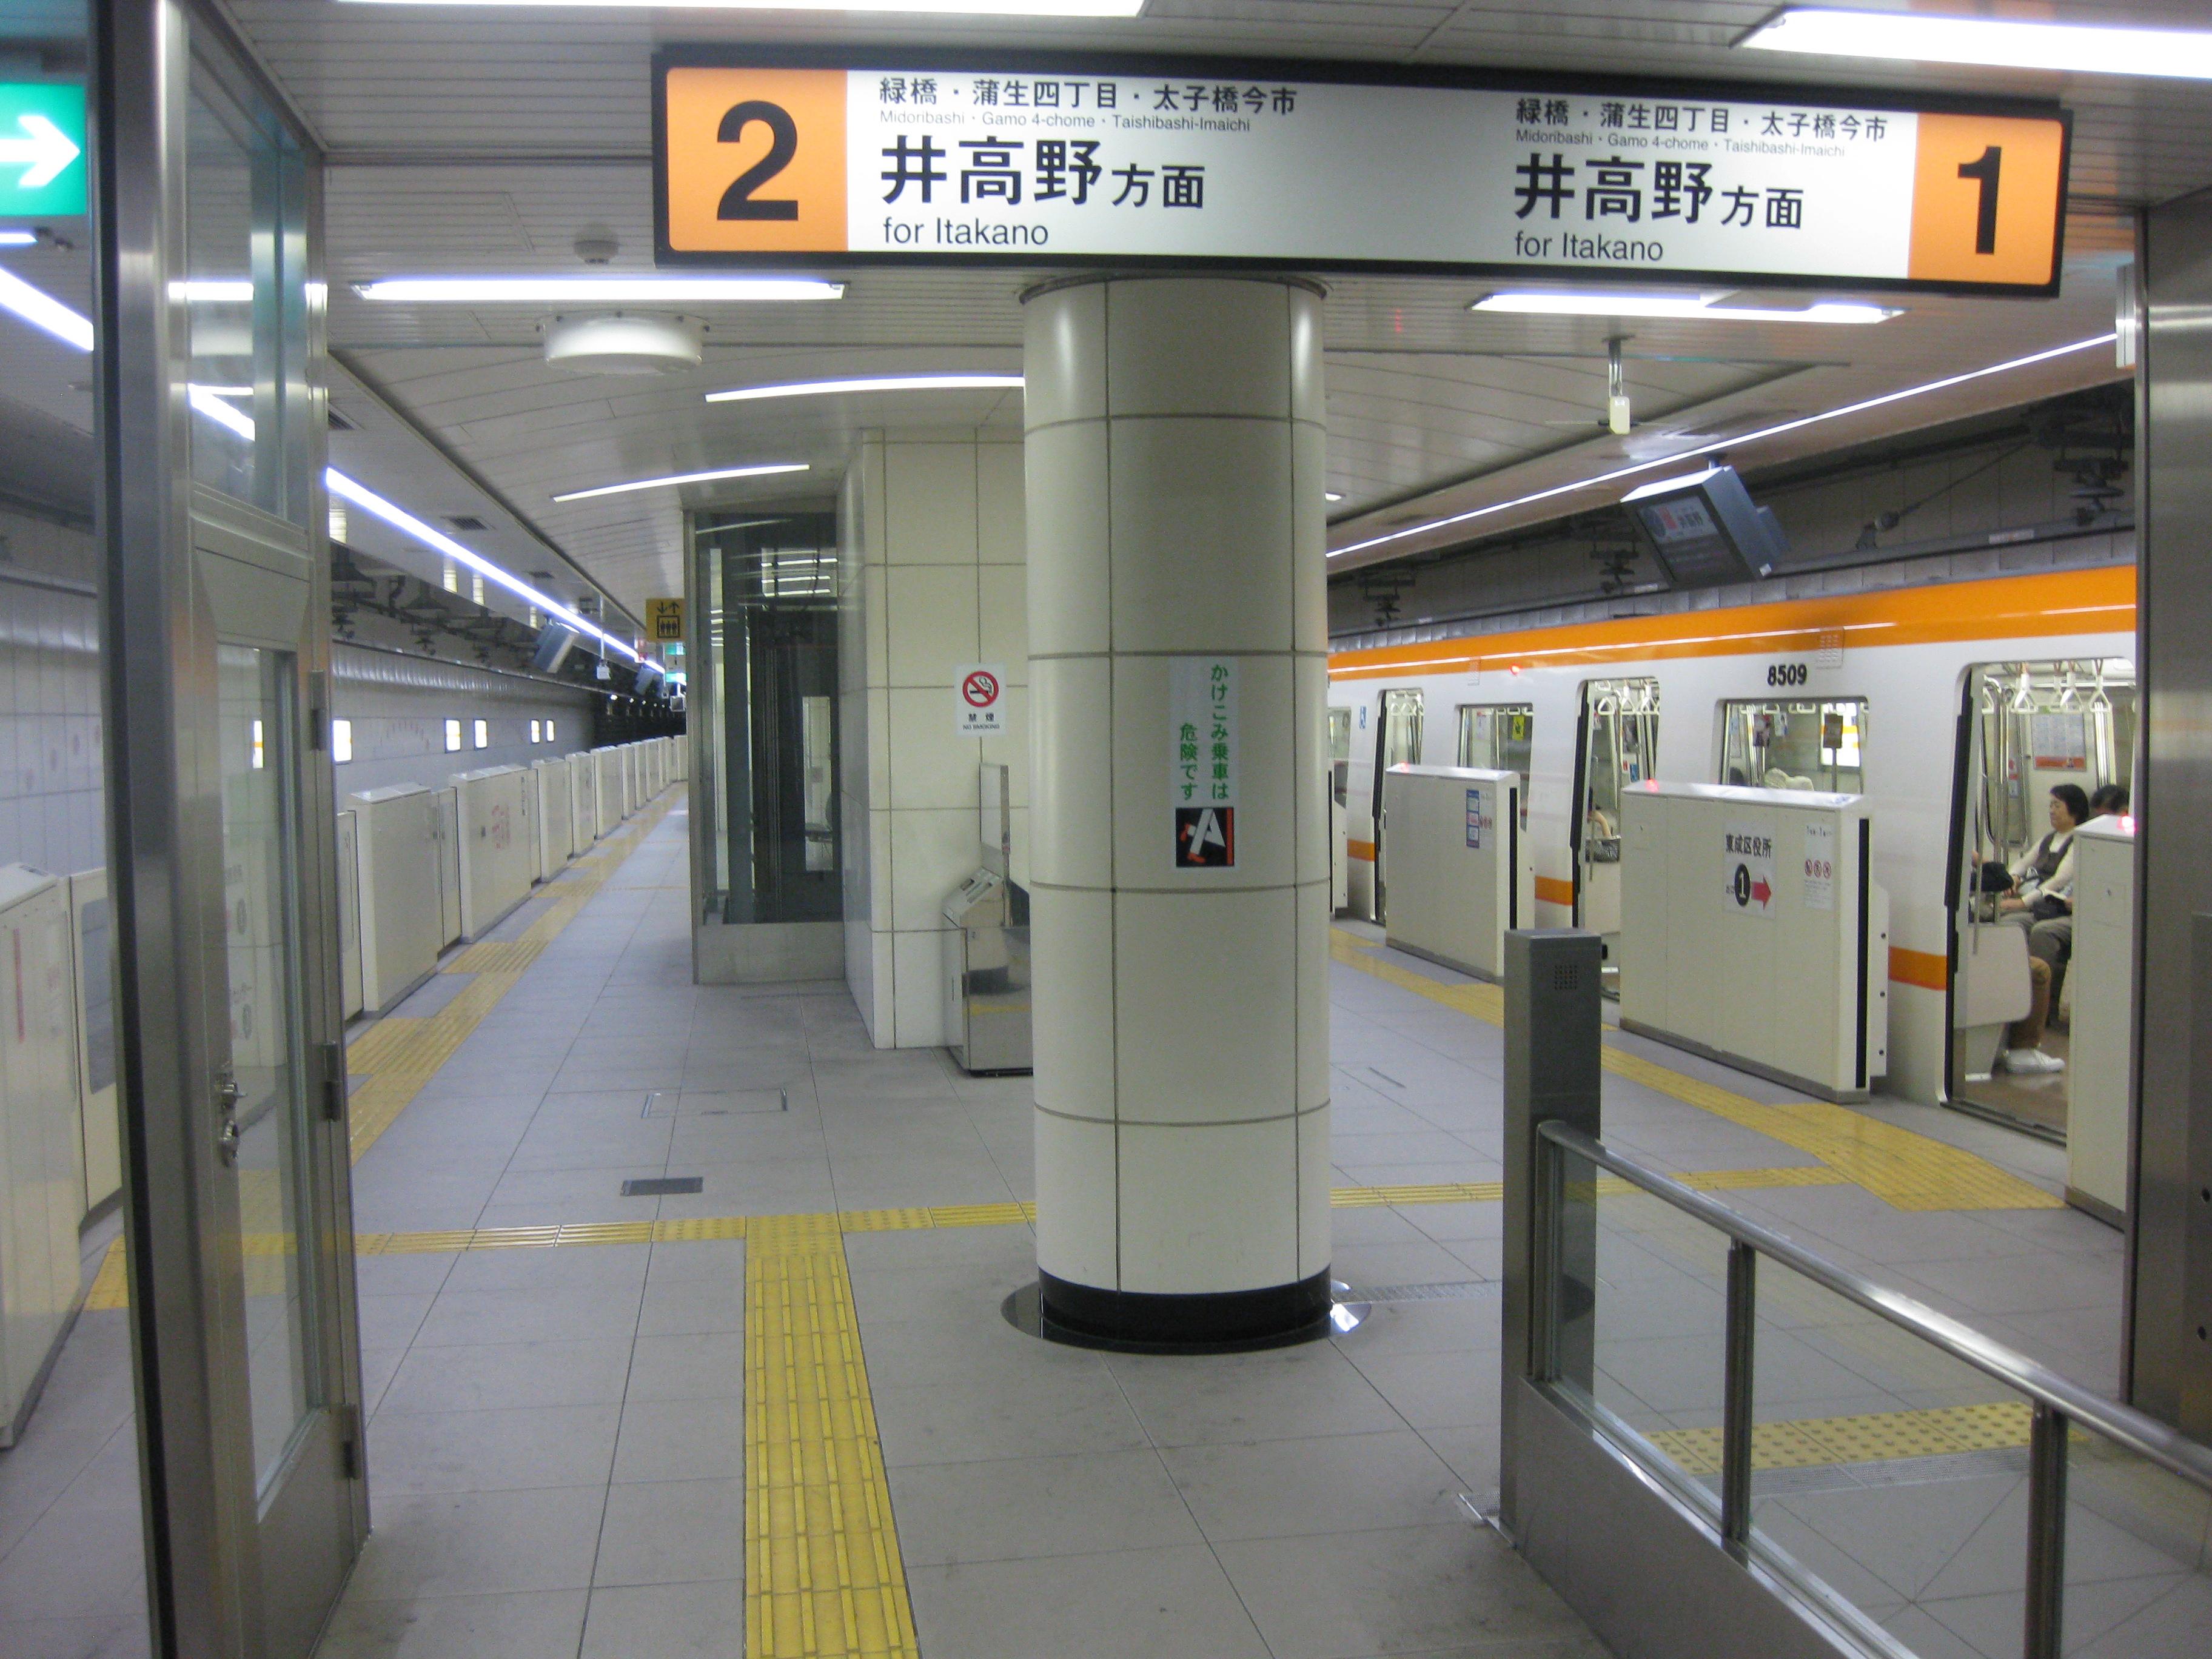 今里駅 (大阪市高速電気軌道)